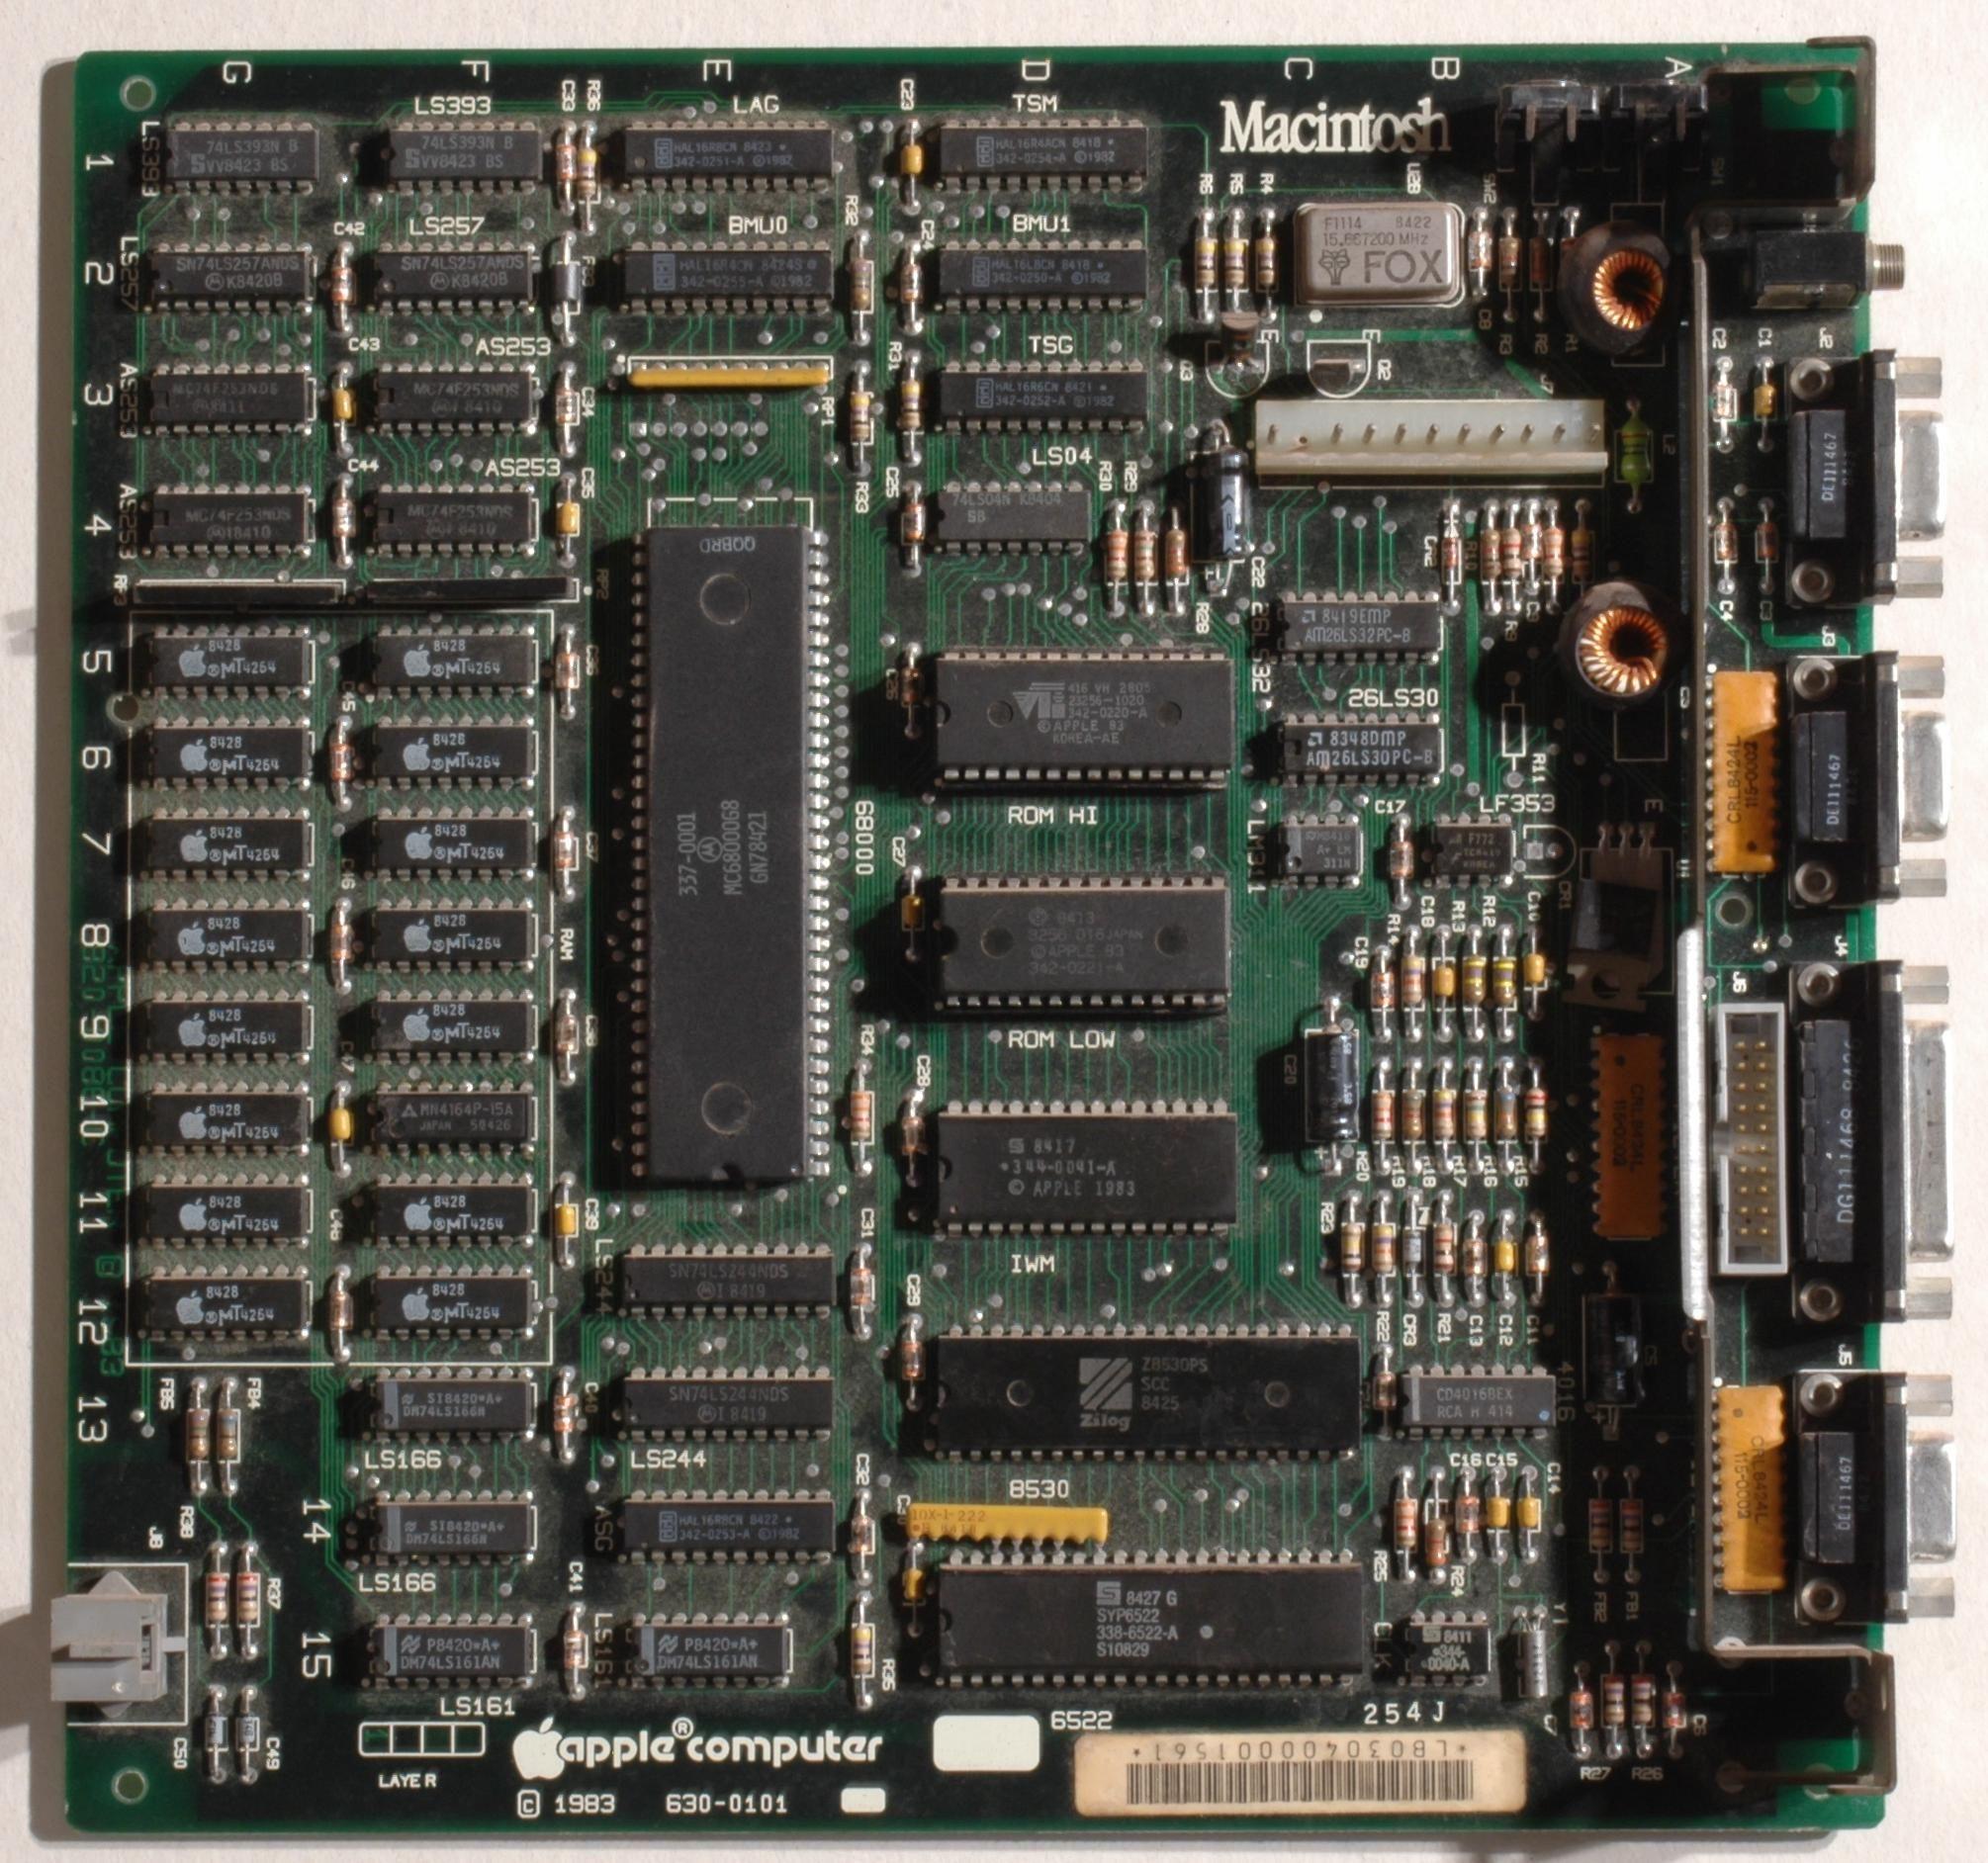 Macintosh-motherboard.jpg